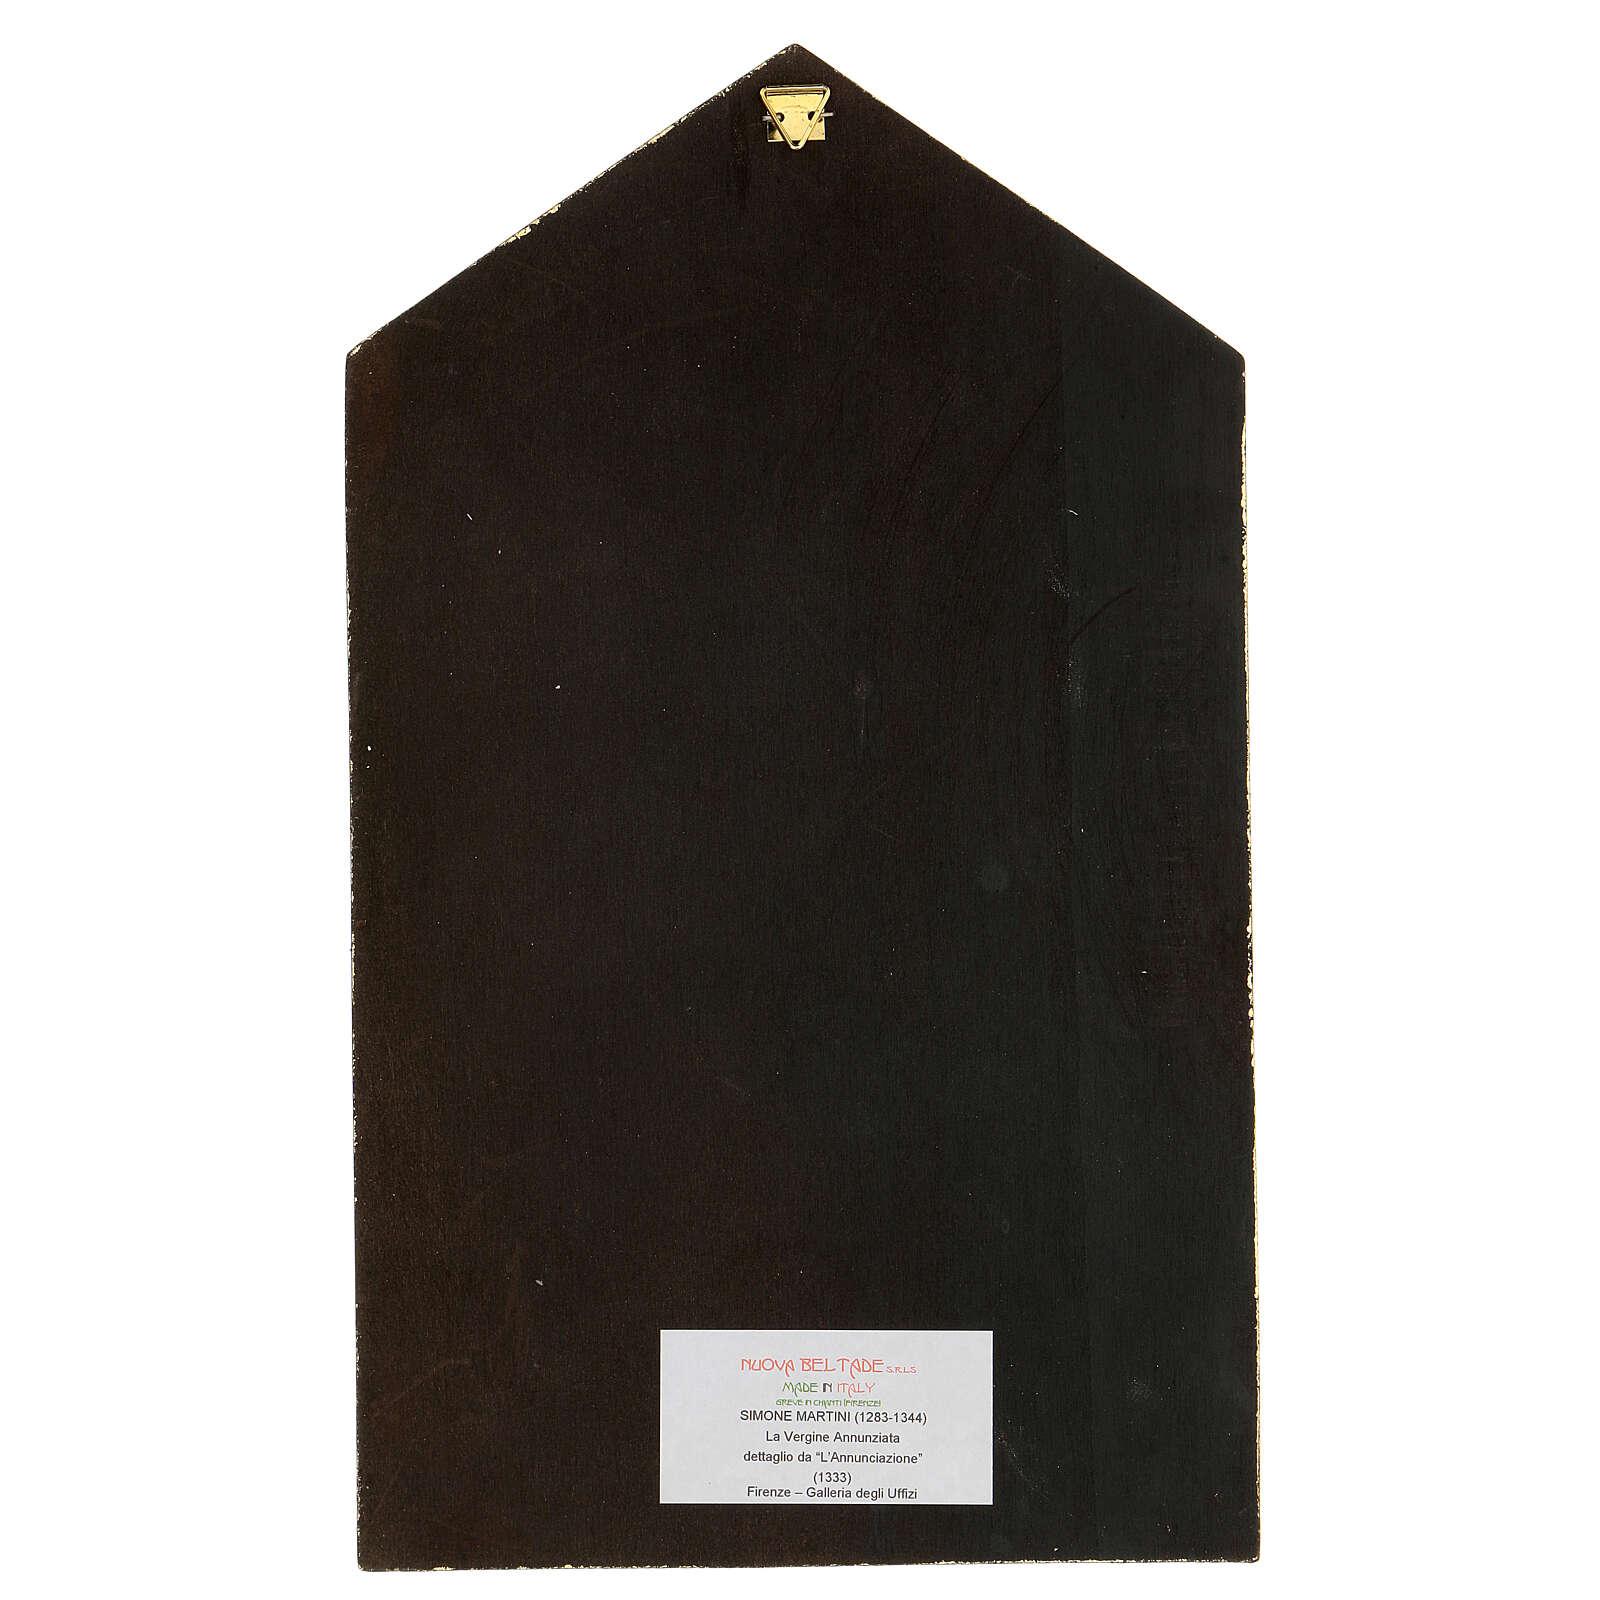 Printed icon Simone Martini's Annunciation 8x10 in 3